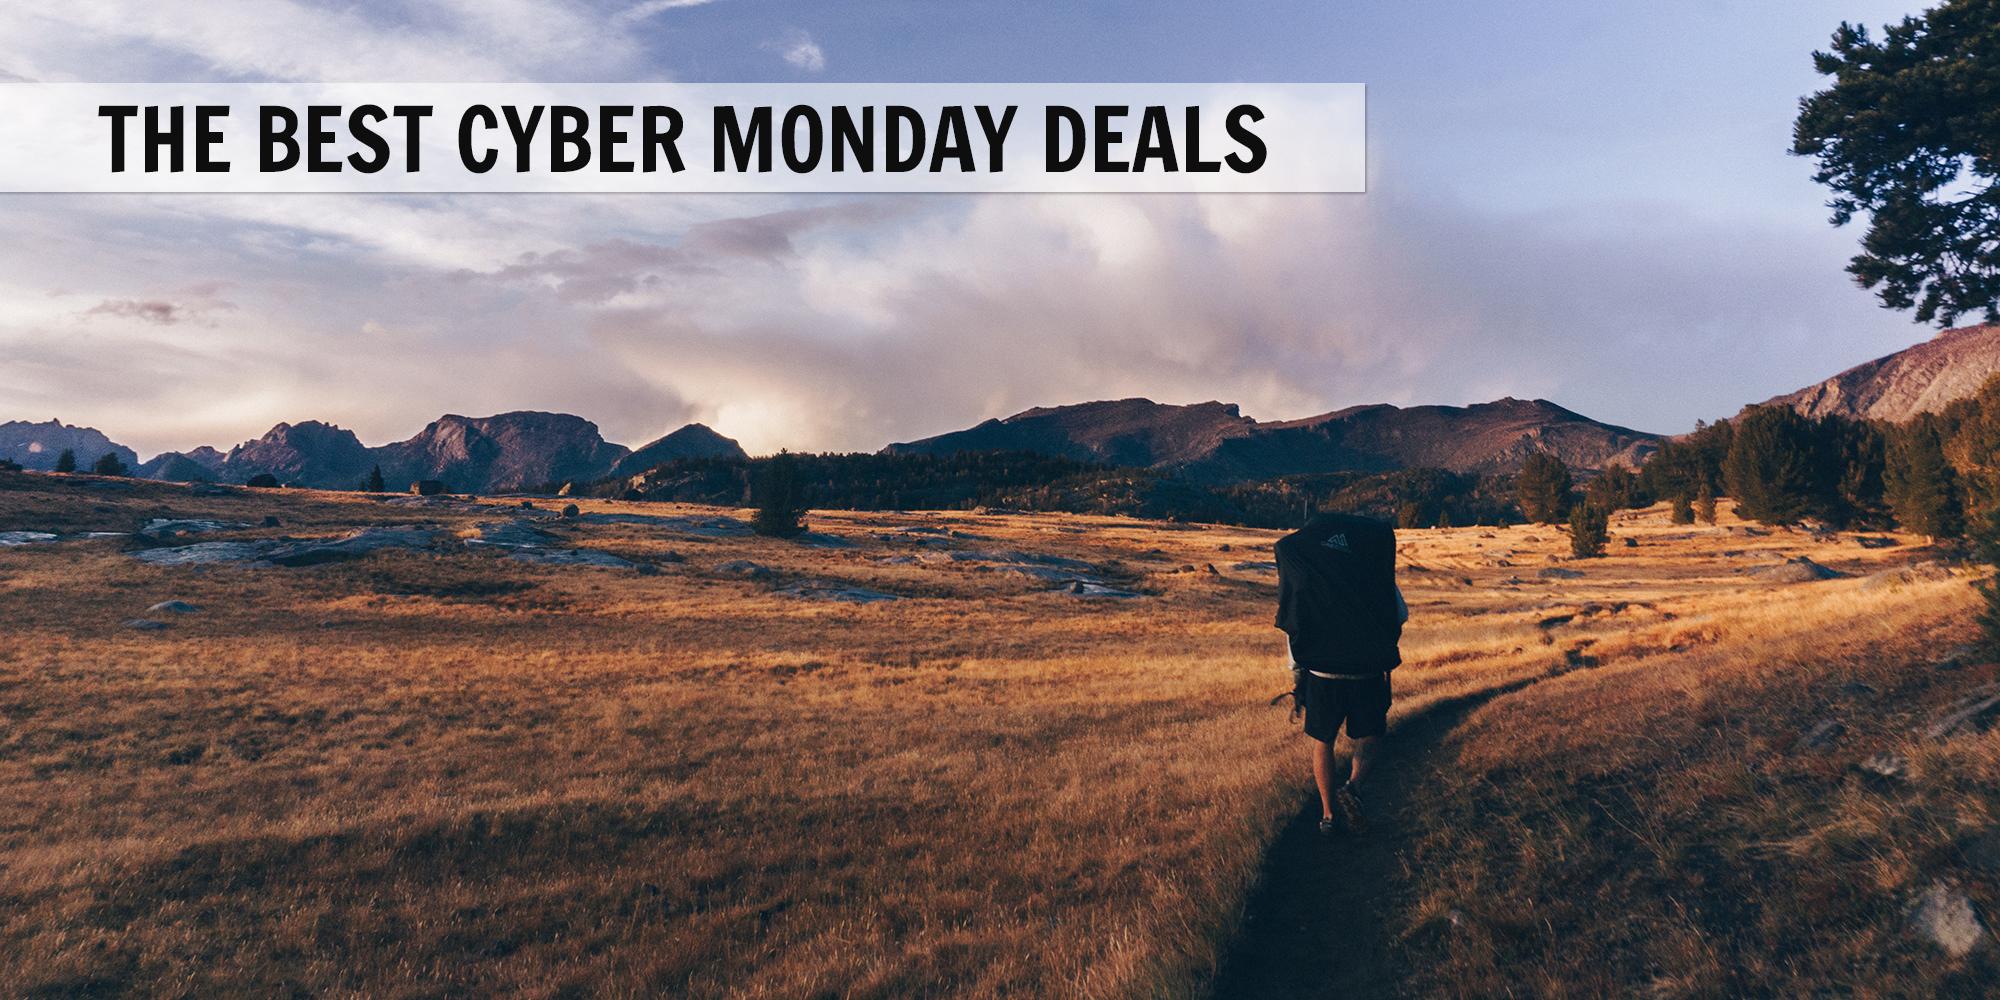 Moosejaw cyber monday deals